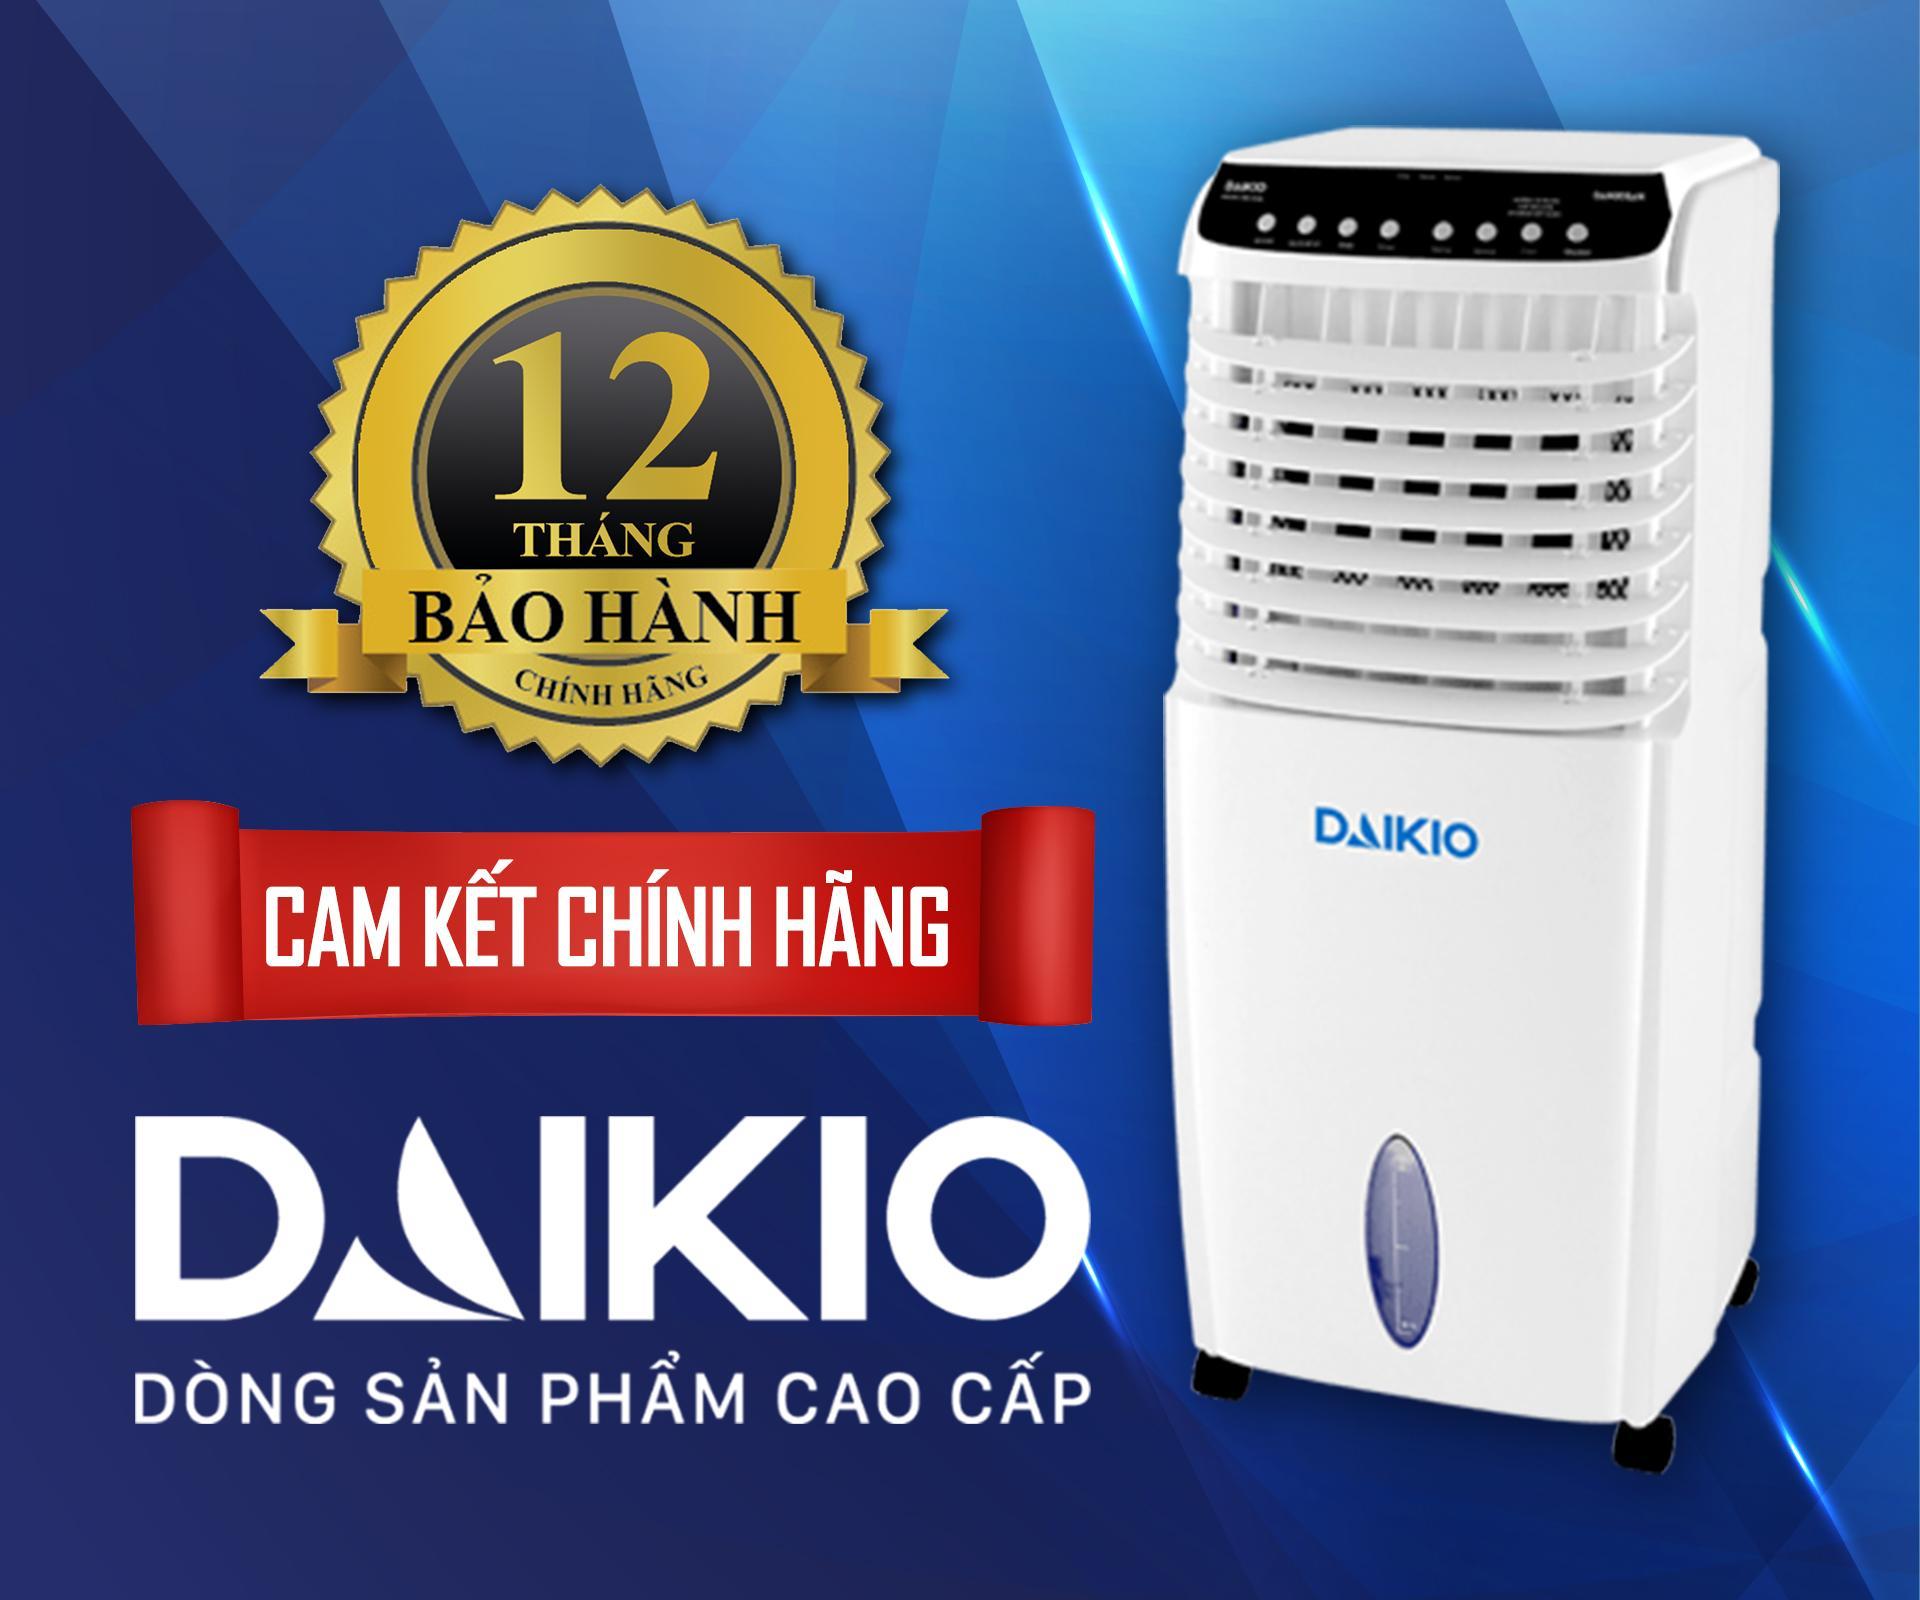 Quạt điều hoà không khí DAIKIO DK 800A